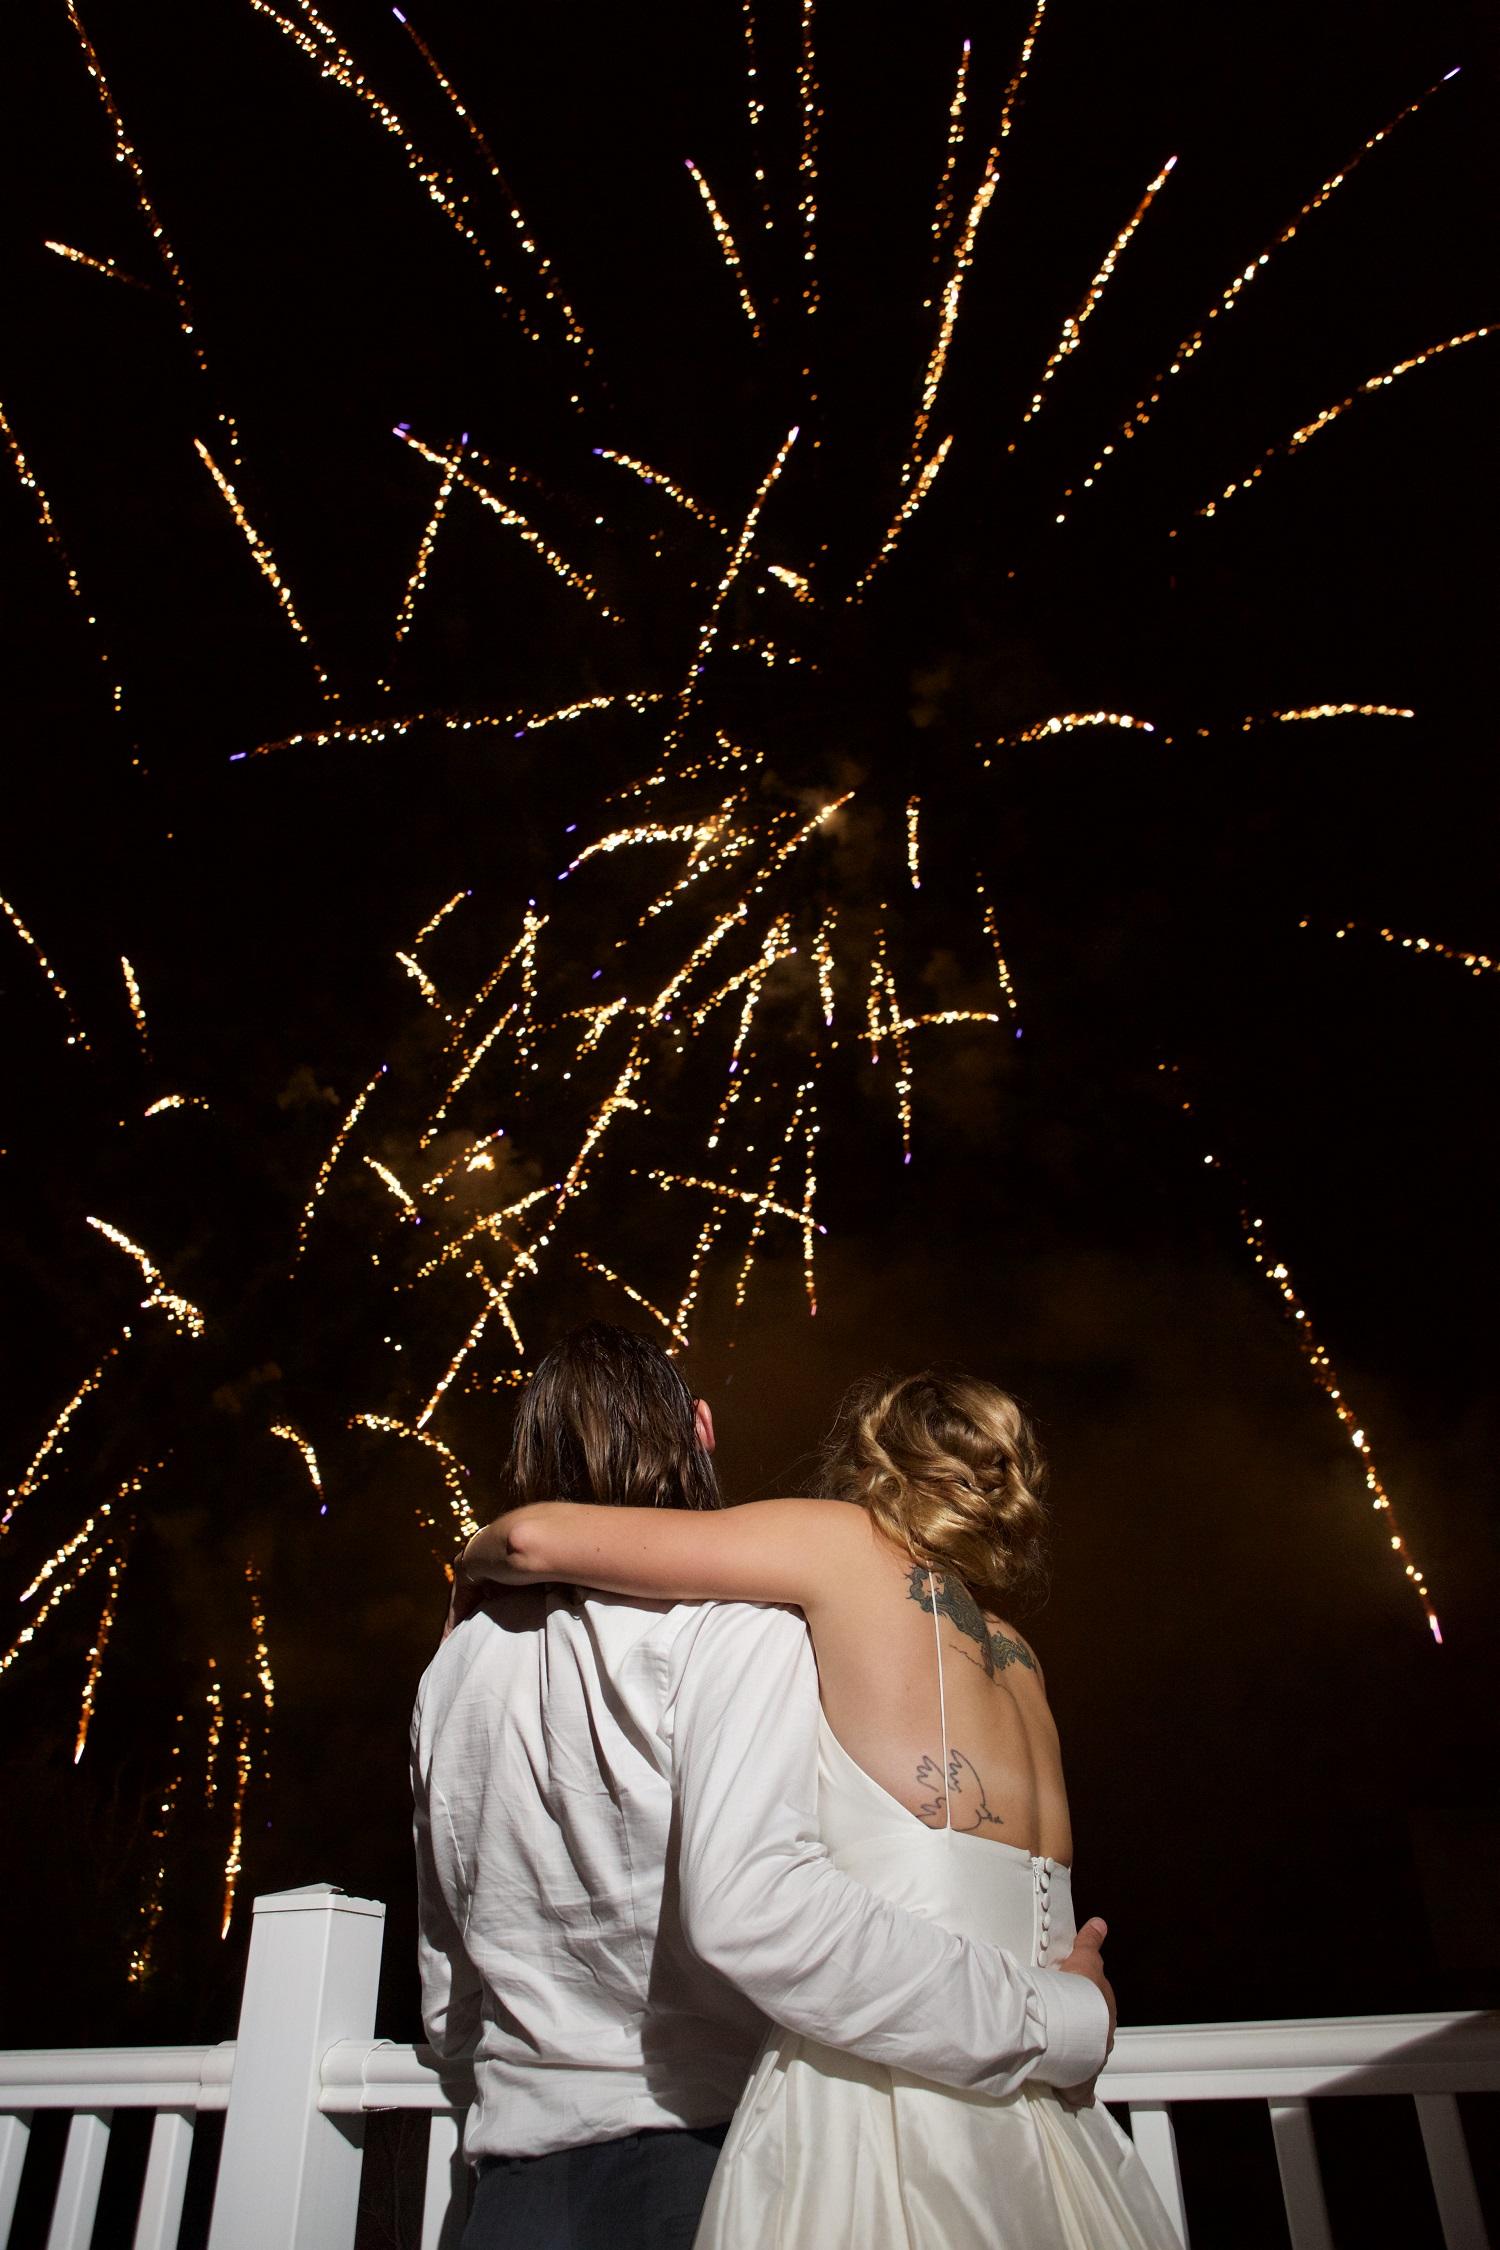 aphroditeweddingphotos.com 149.jpg